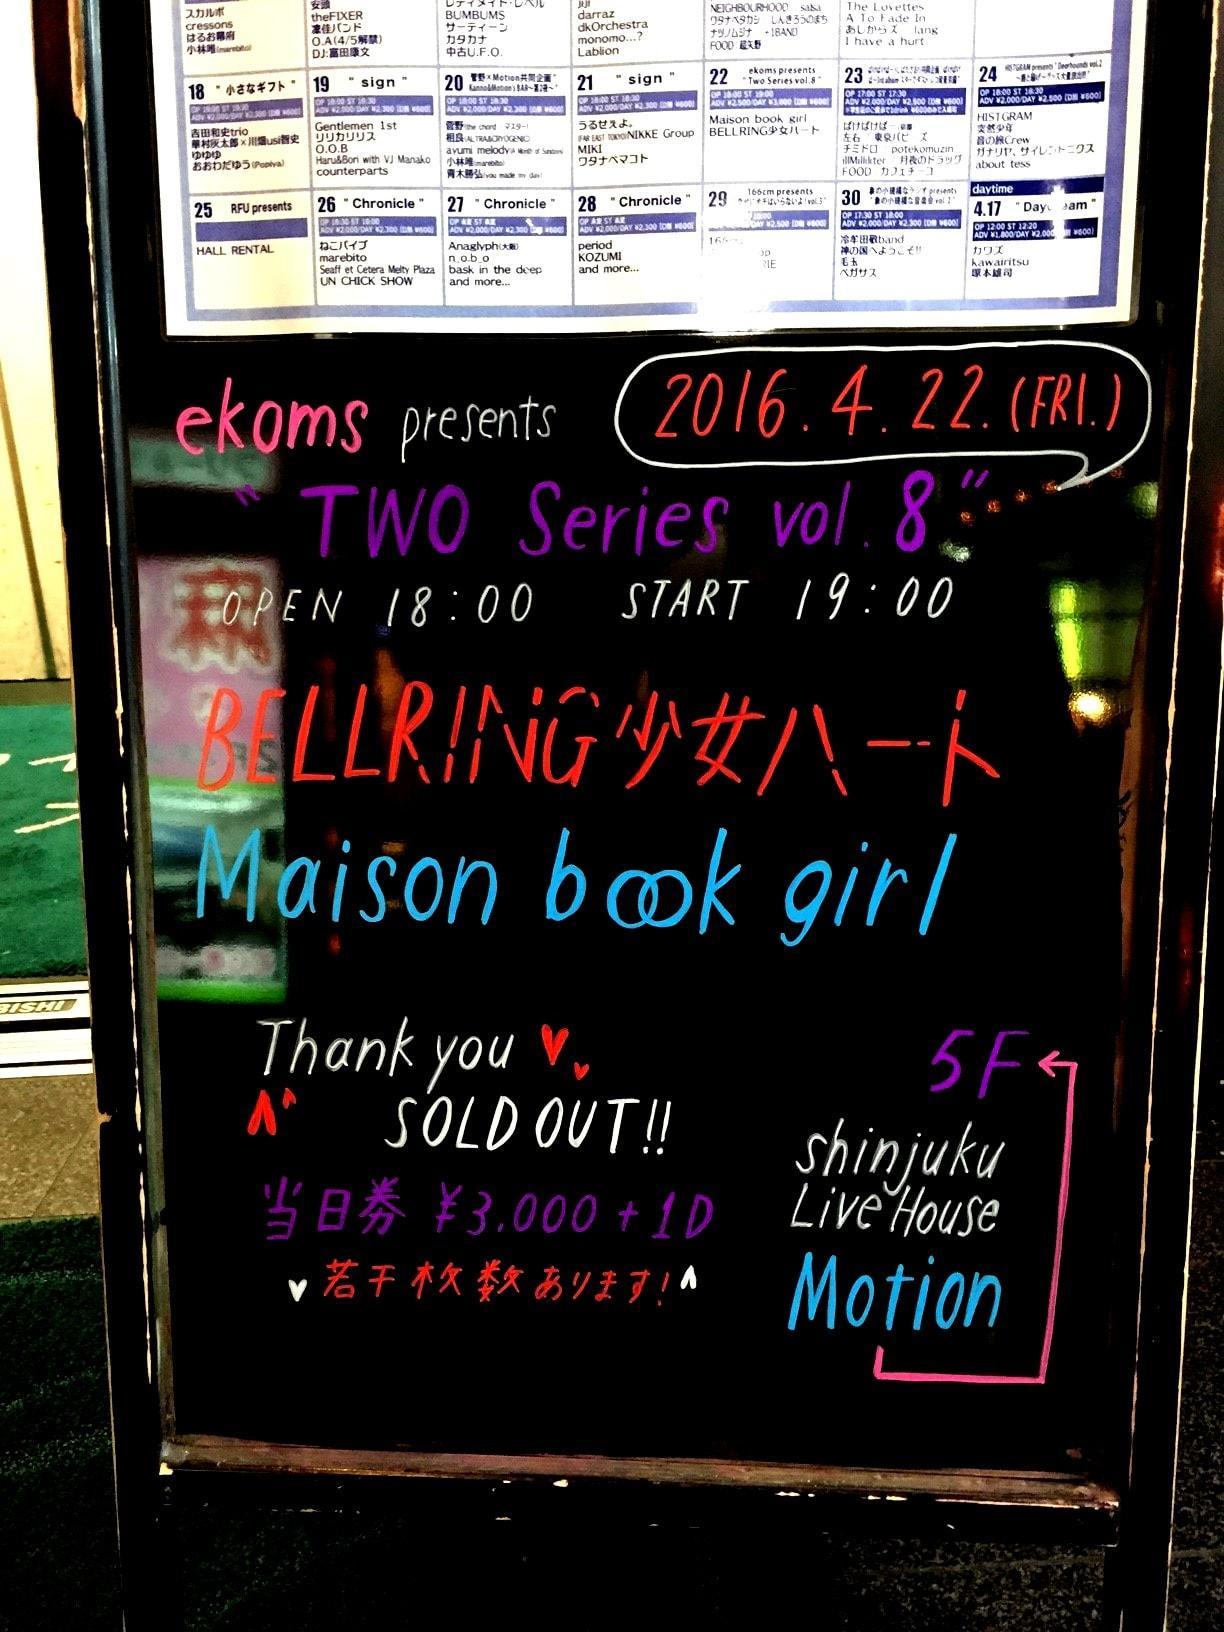 ロリータ動画像 アウト 危険 Maison book girl(ブクガ)× BELLRING少女ハート(ベルハー)@新宿Motion 2016.4.22(fri)